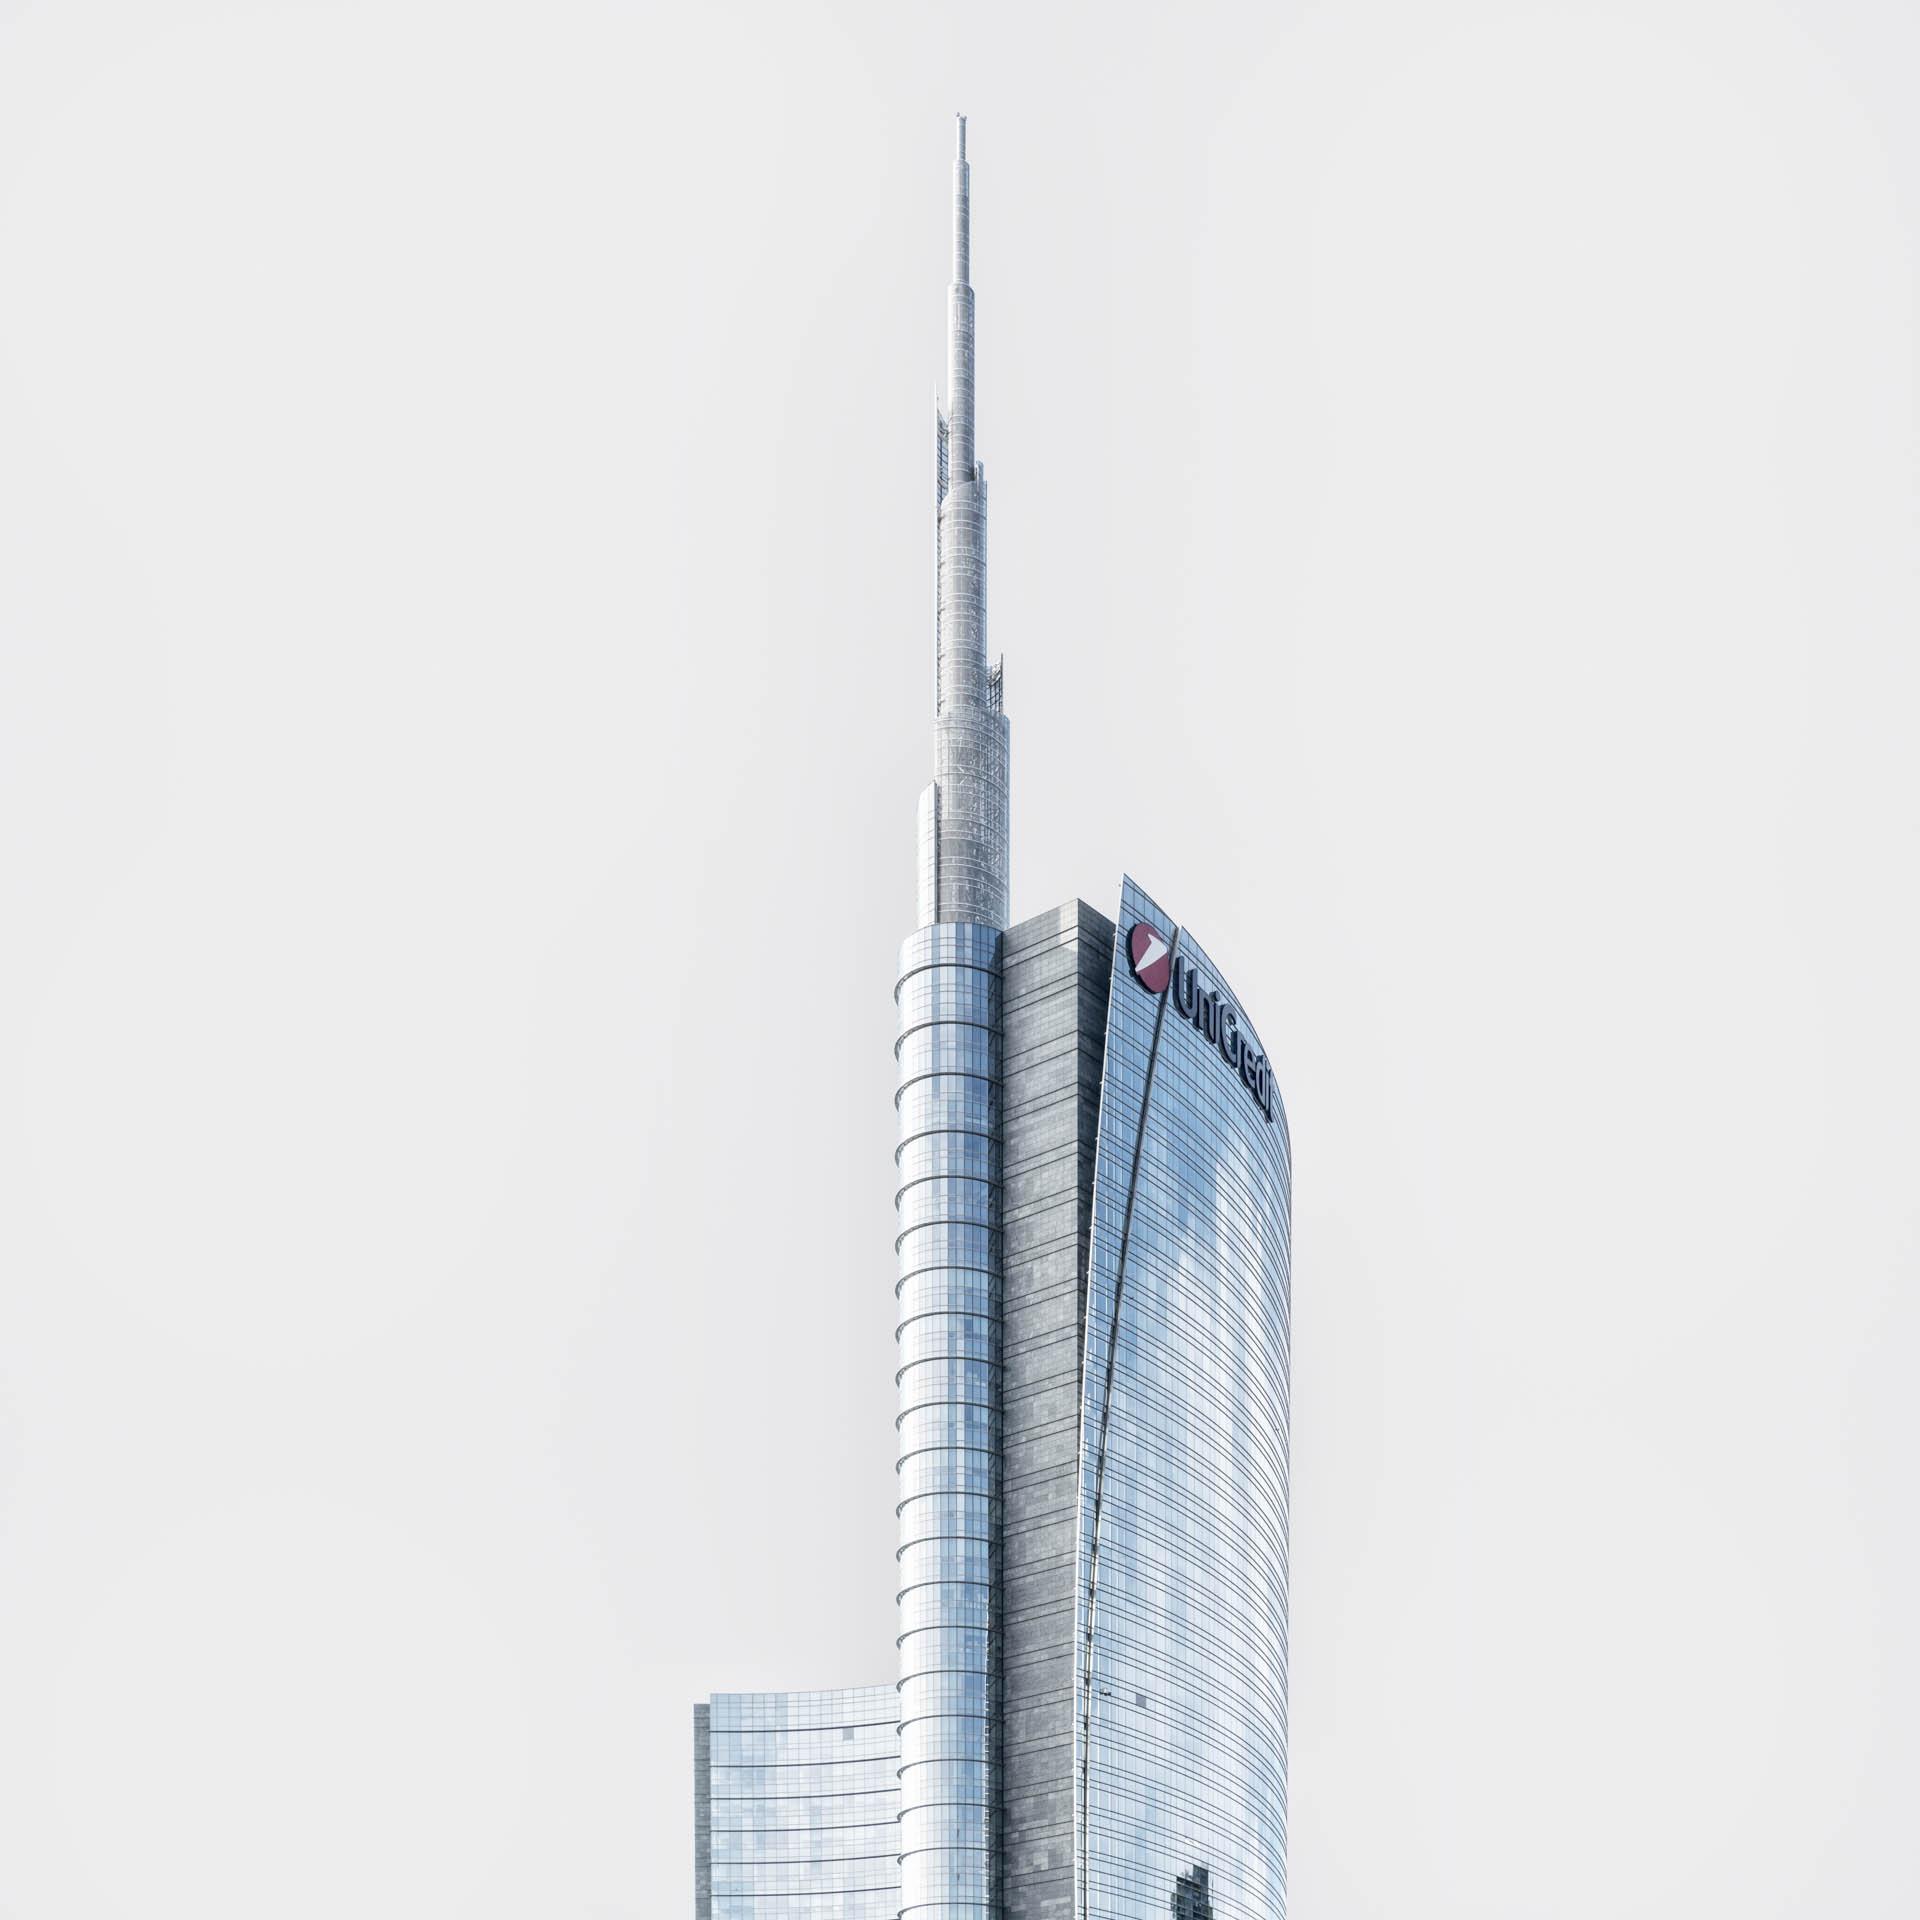 MILANO_2018_STILL_11.jpg